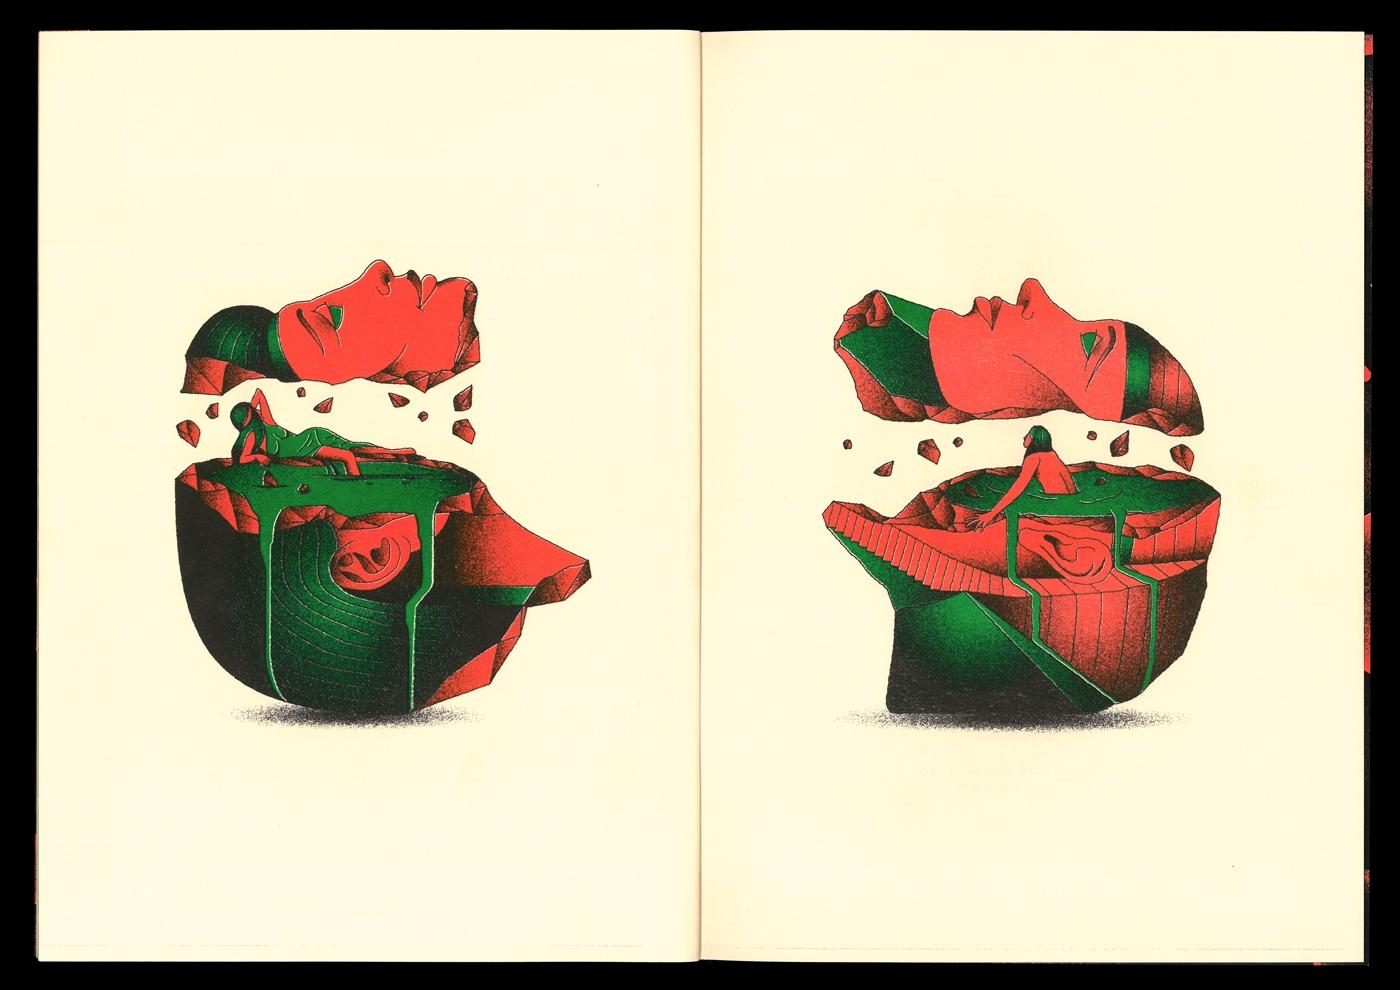 Jake Foreman Flash zine - Illustration - hereforthecolor | ello